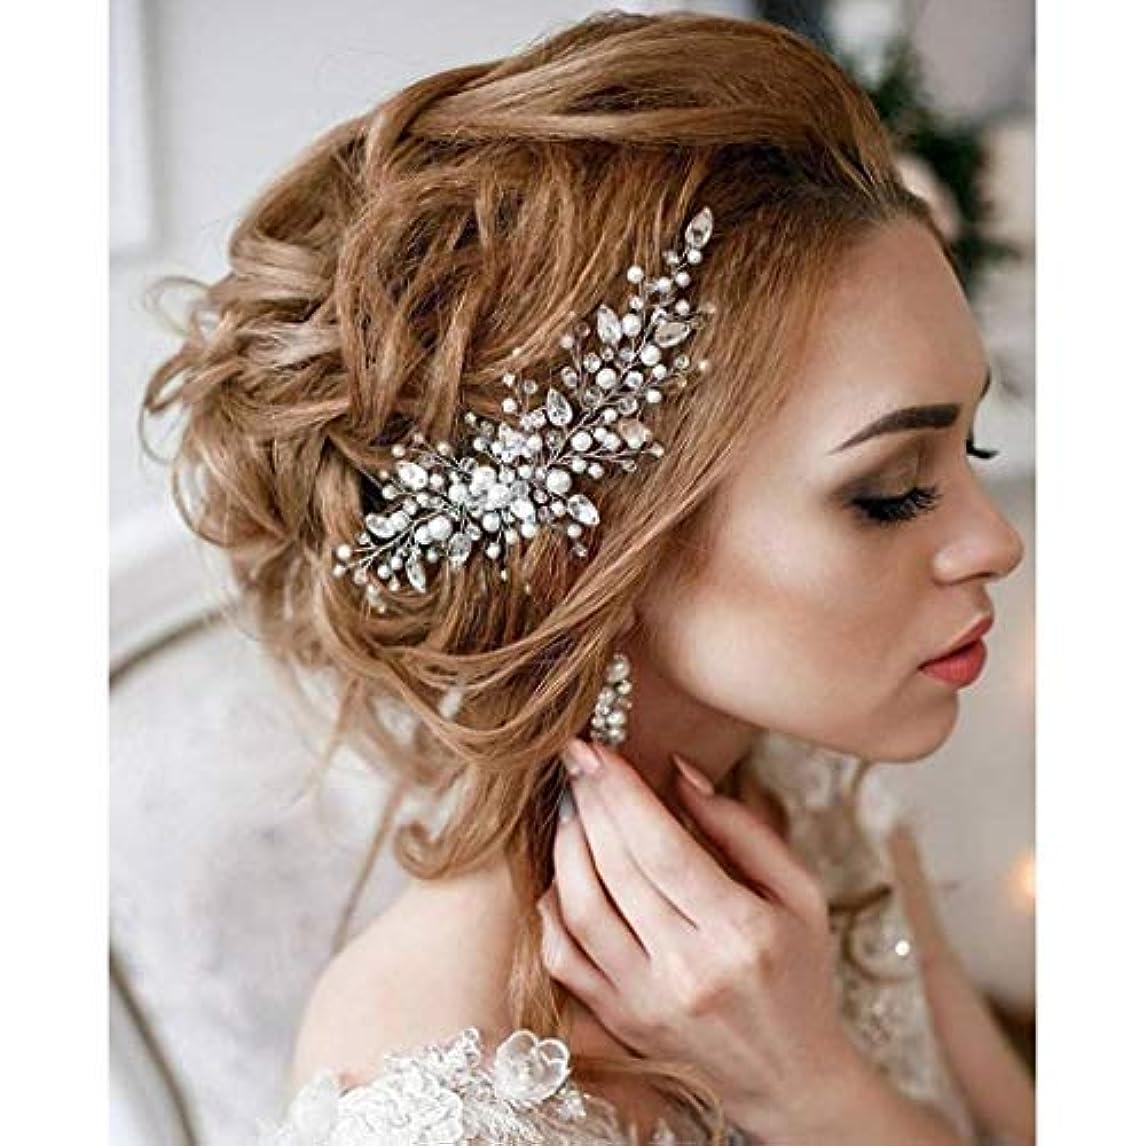 葉柔らかいごちそうAukmla Bride Wedding Hair Combs Bridal Hair Accessories Decorative for Brides and Bridesmaids [並行輸入品]